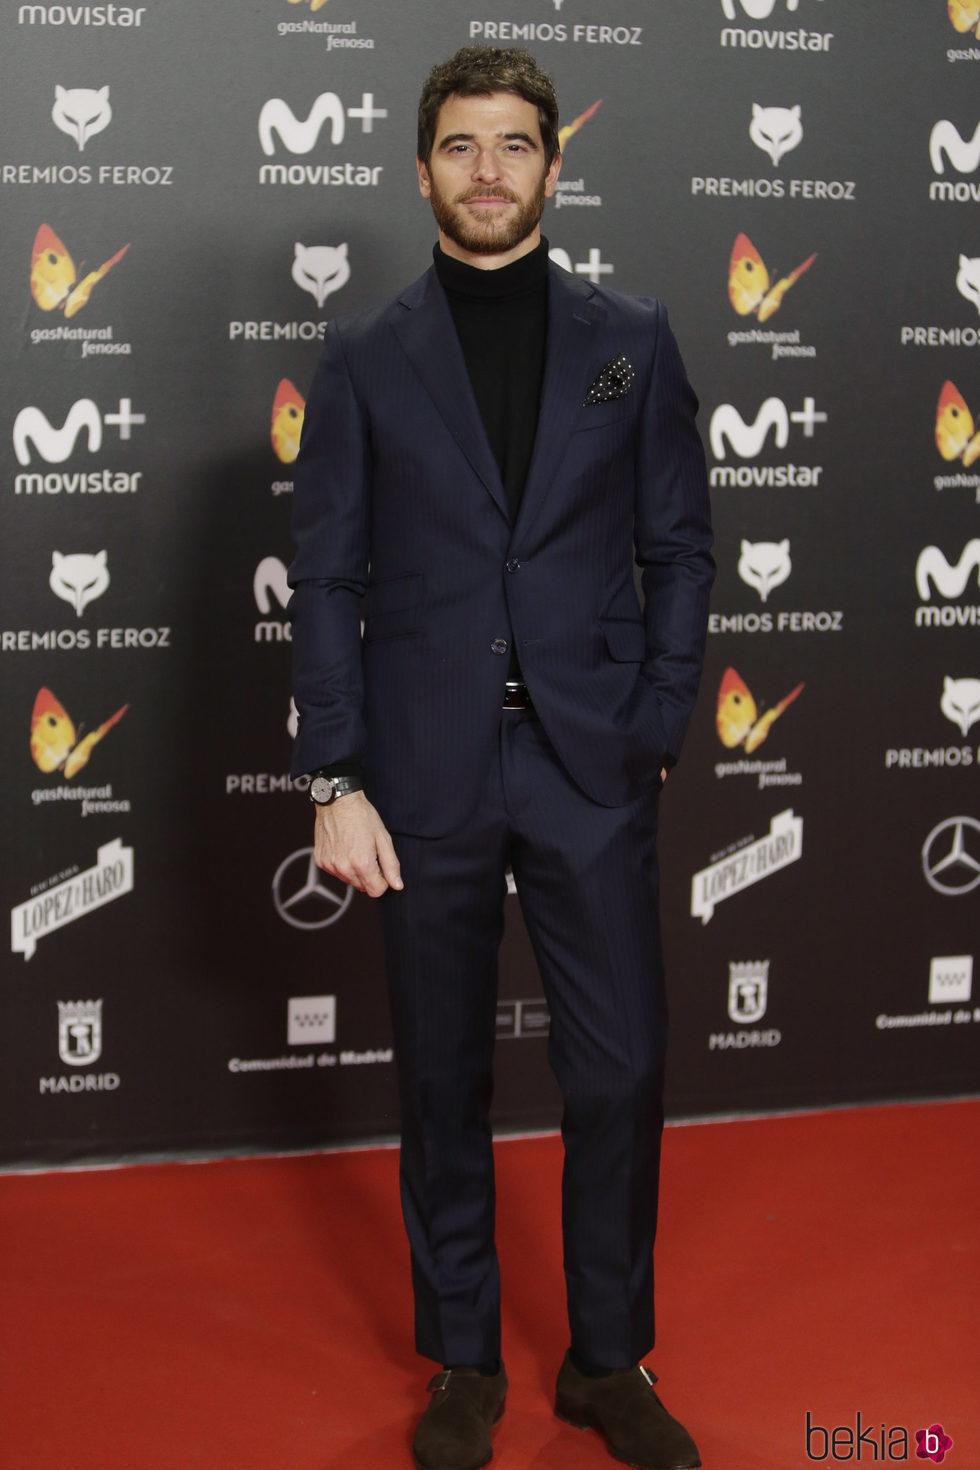 Alfonso Bassave en la alfombra roja de los Premios Feroz 2018